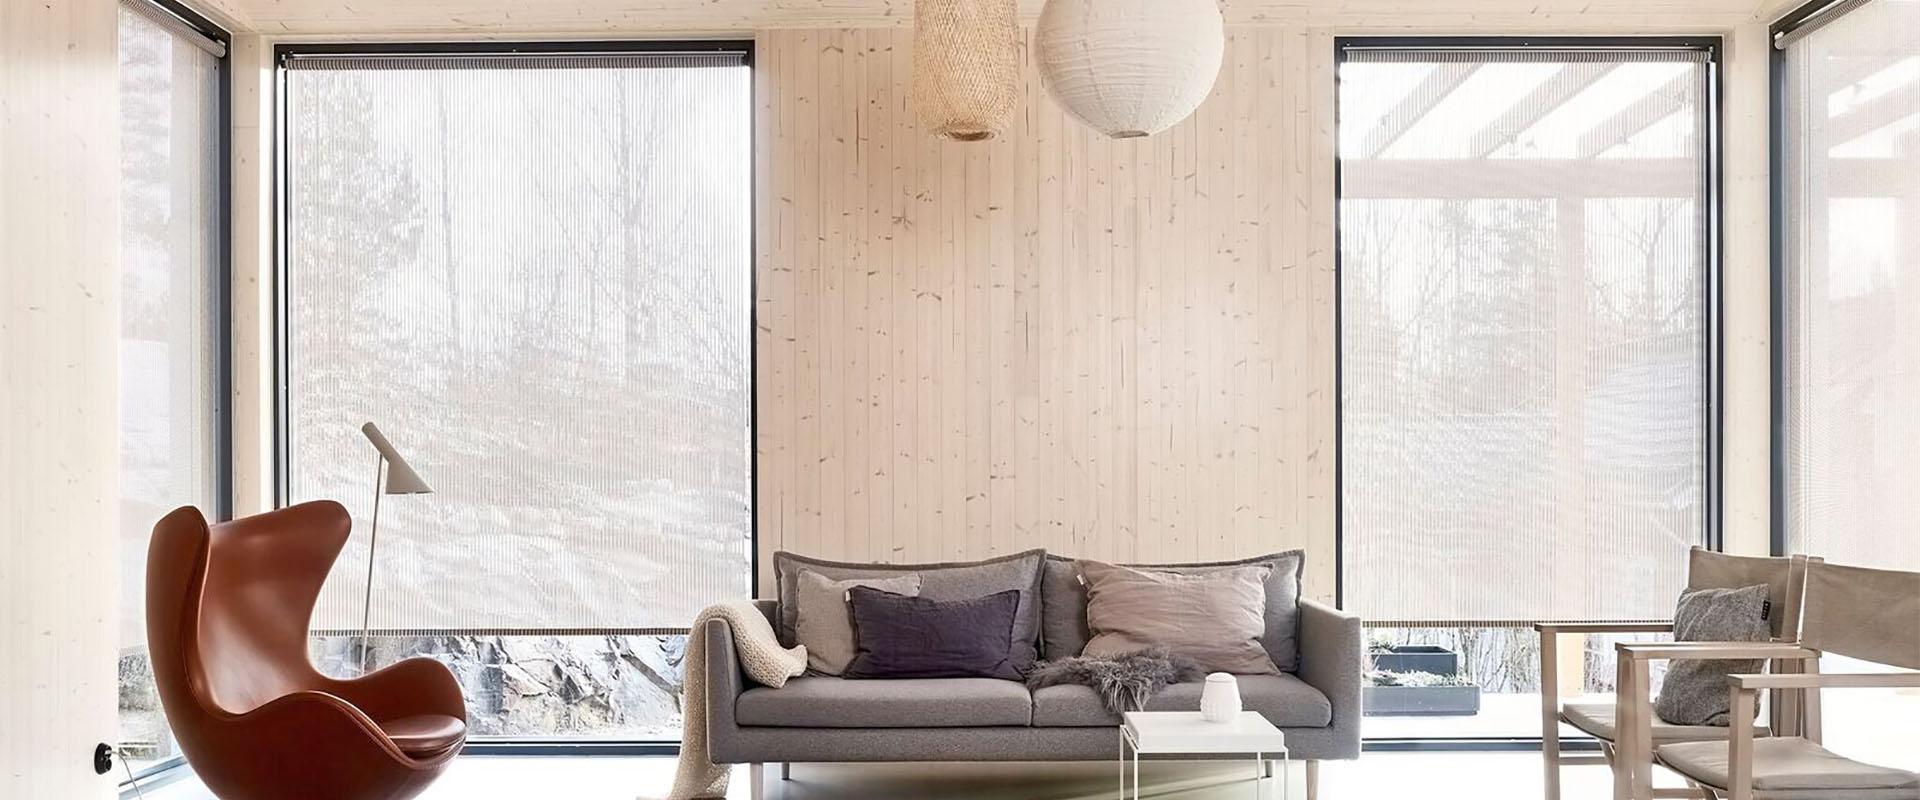 Laadukkaat Woodnotes design kaihtimet ja verhot - Lempäälän Kaihdin